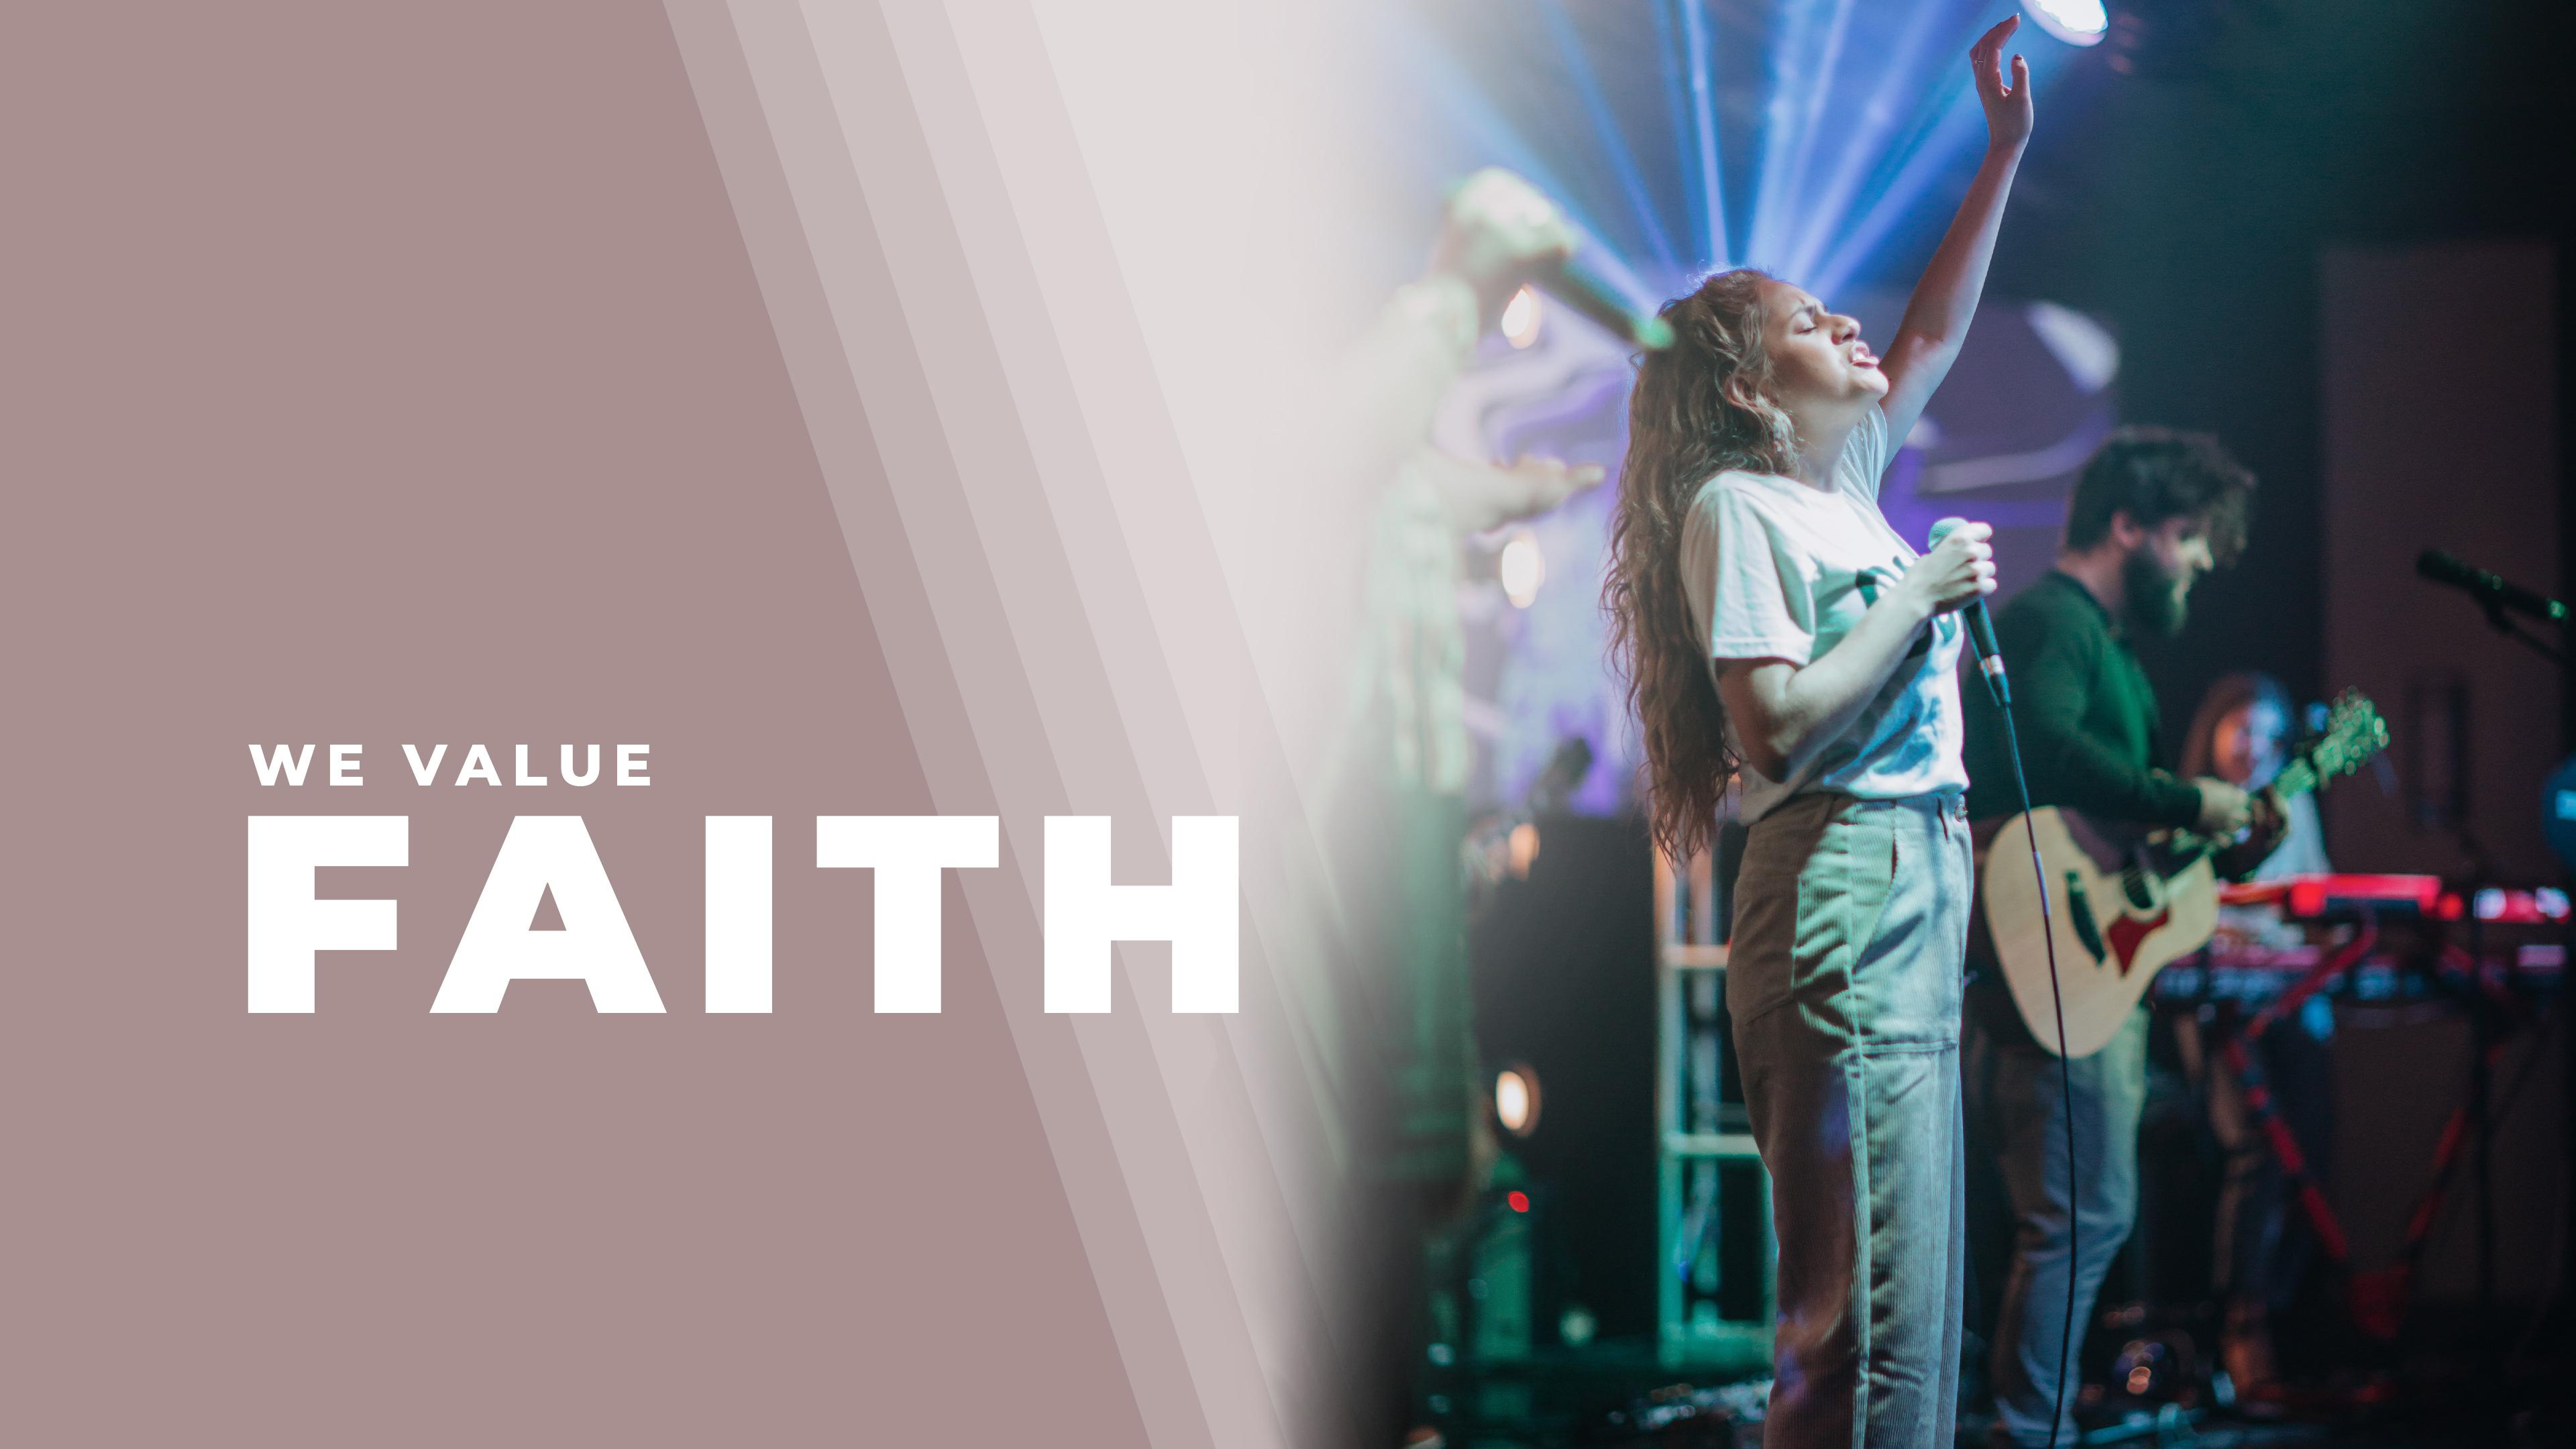 Value - Faith